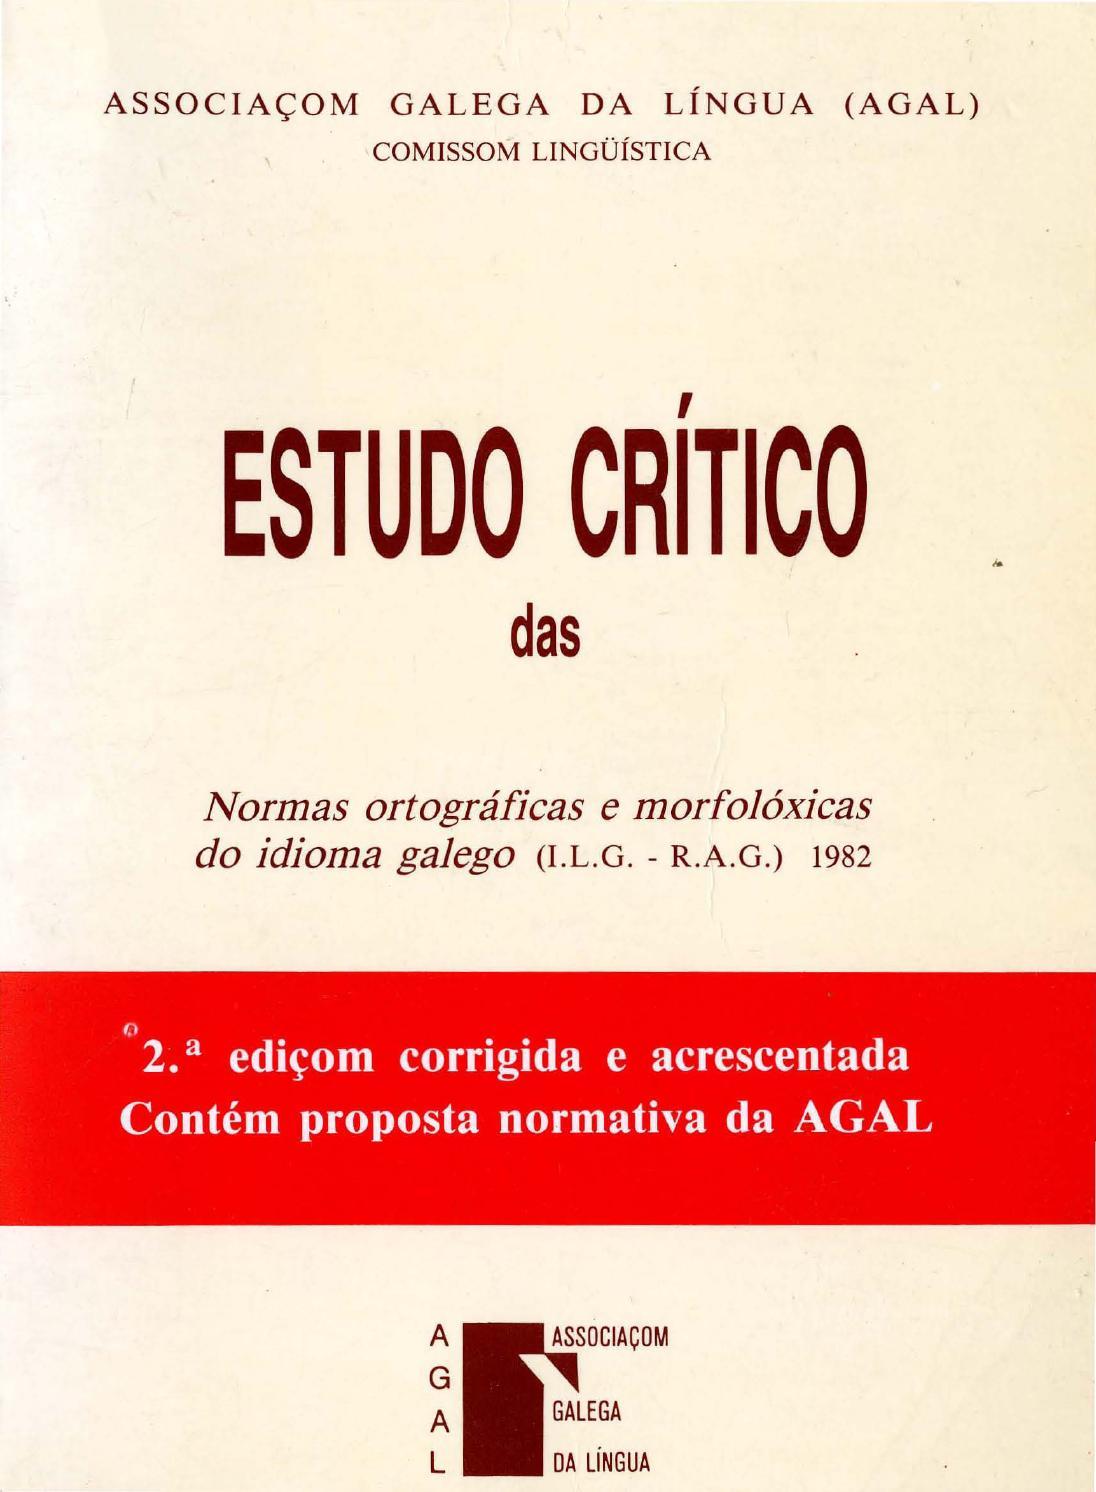 Sei Di Ponte Nossa Se estudo crítico das normas ilg-rag (2ª ediçom) by